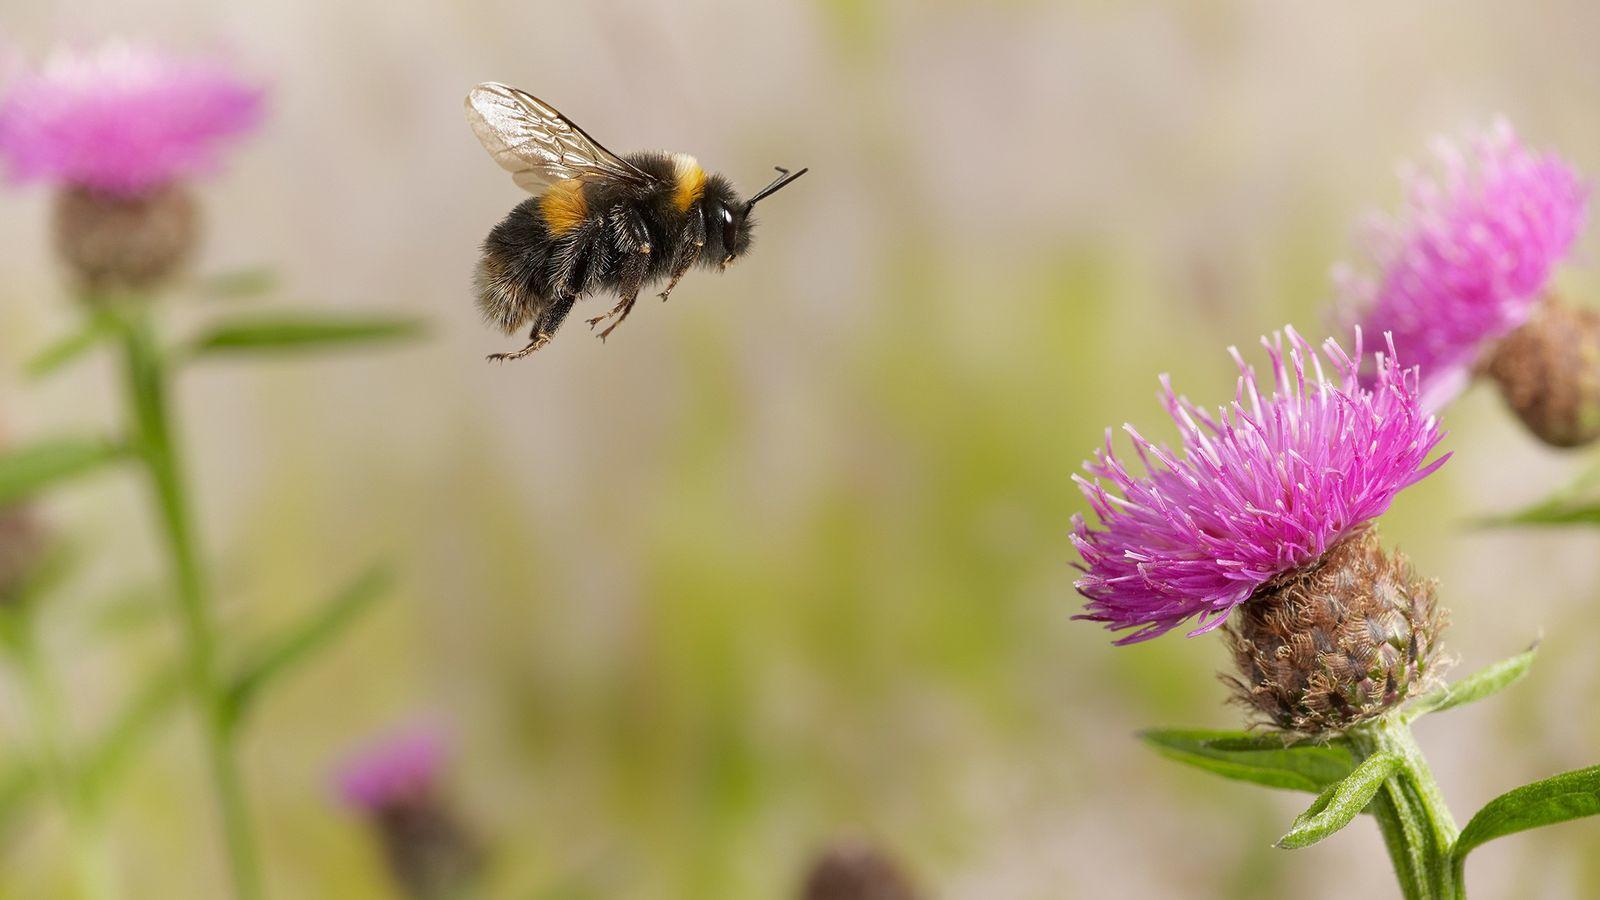 Un abejorro con cola vuela entre las flores en Inglaterra. Muchas especies de abejorros están disminuyendo debido ...